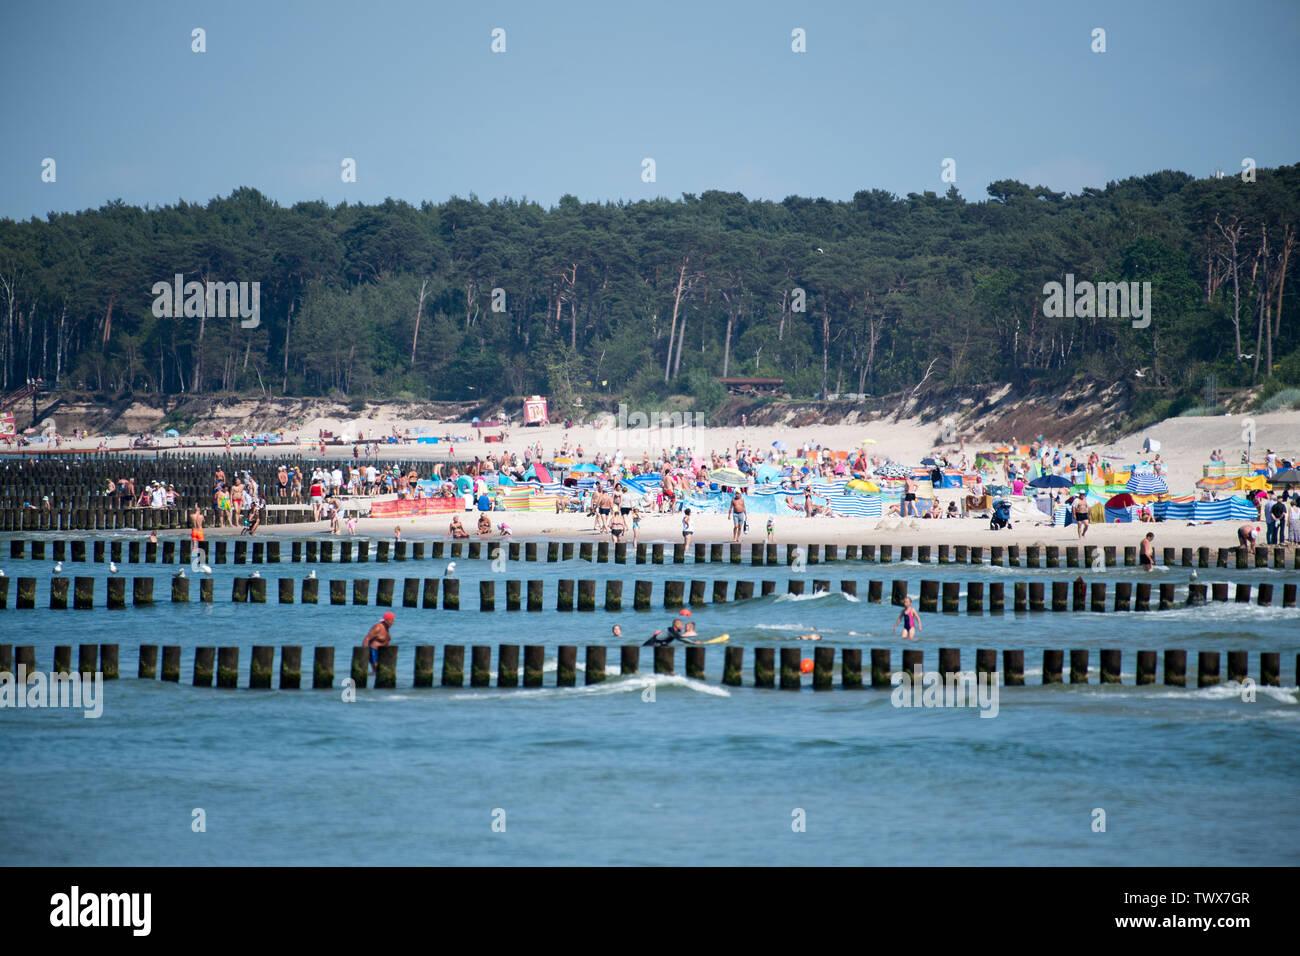 Hot day on beach in Ustka, Poland. June 17th 2019 © Wojciech Strozyk / Alamy Stock Photo - Stock Image